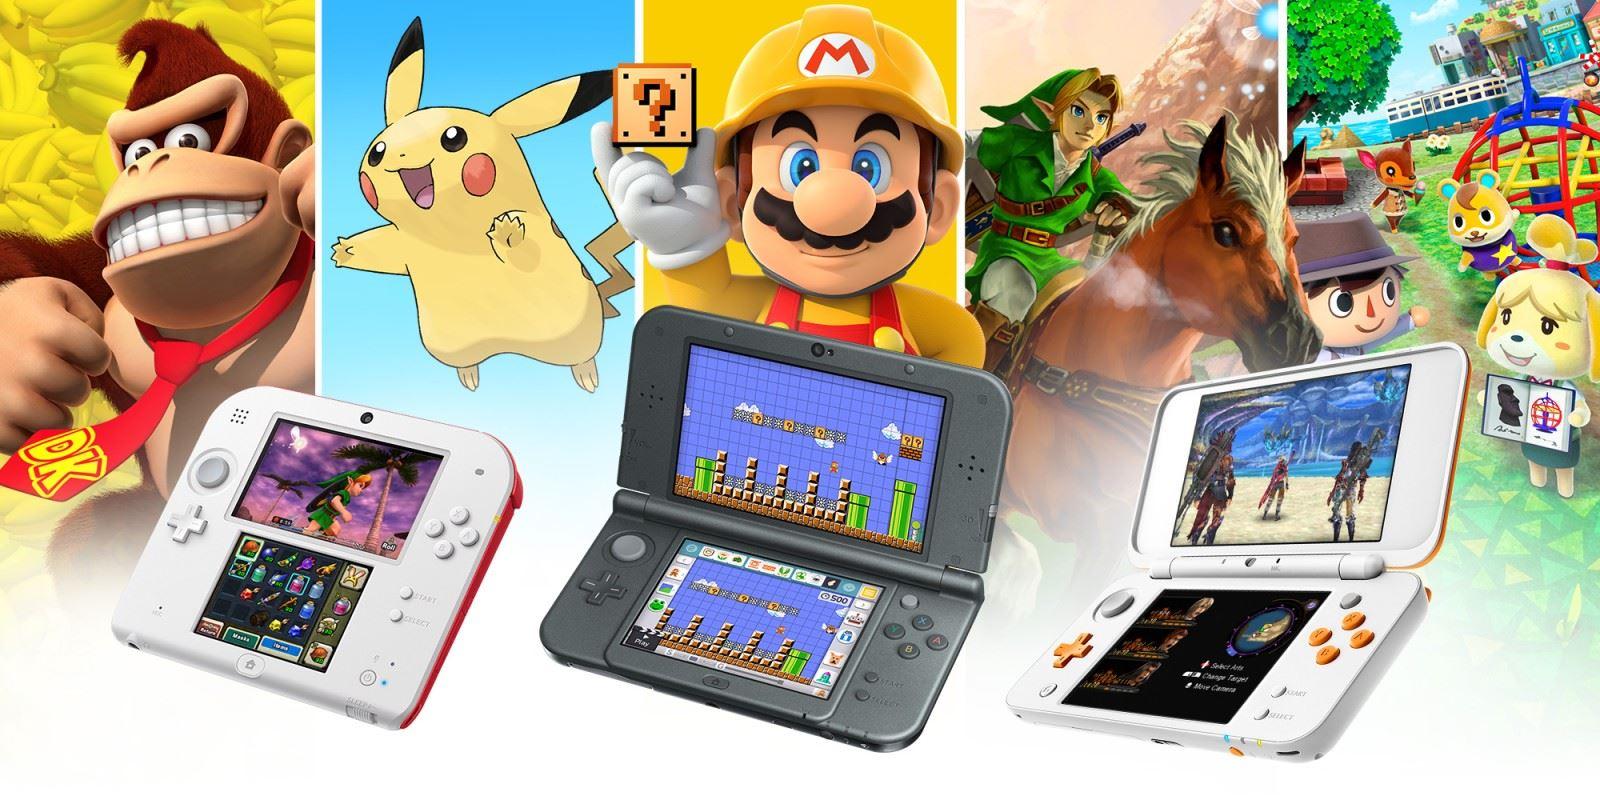 Il Nintendo 3DS riceve il suo primo aggiornamento in quasi un anno, ma le novità non sono molte